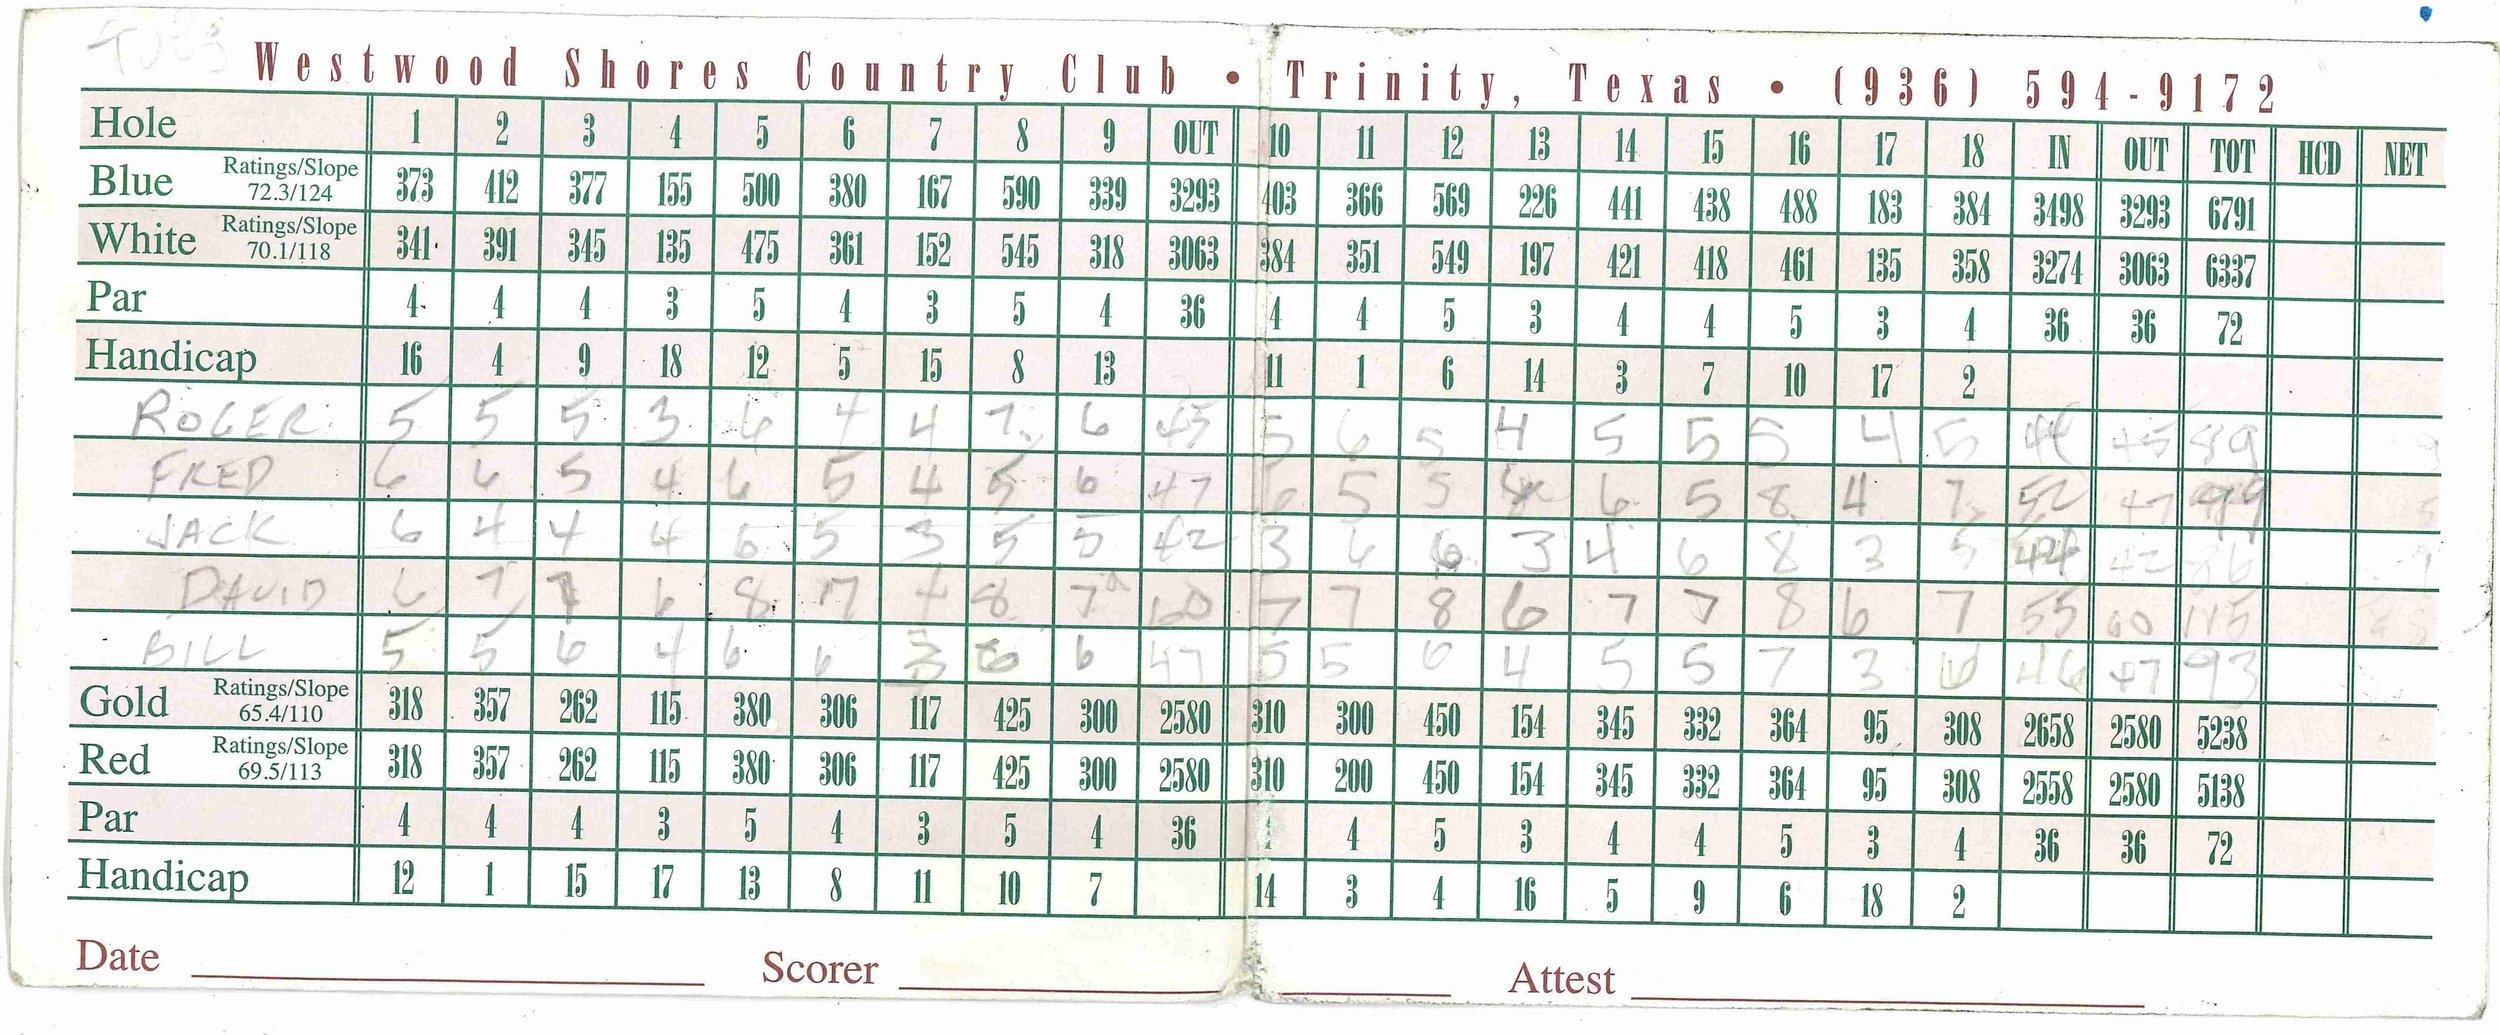 golfing with W.O.W. on Tuesday.jpg